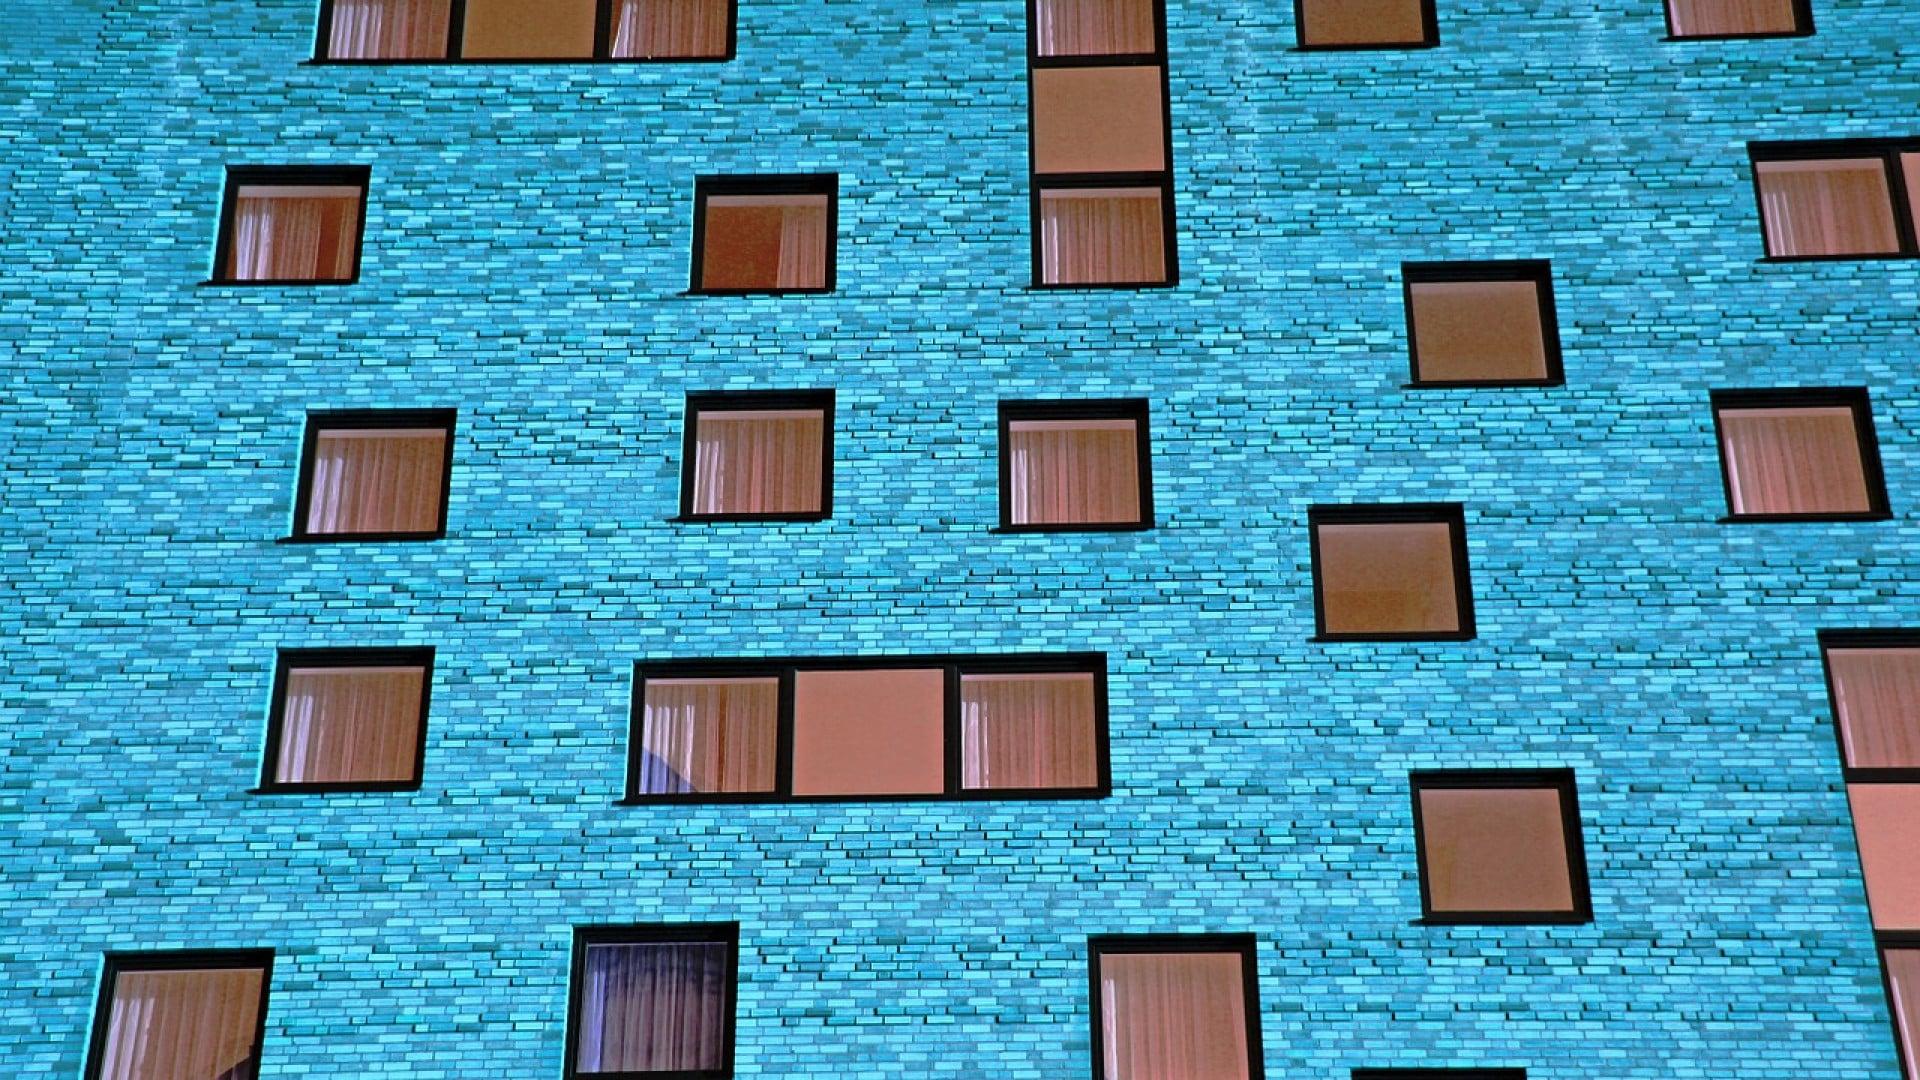 Ravalement de façades : confiez les travaux à une entreprise experte